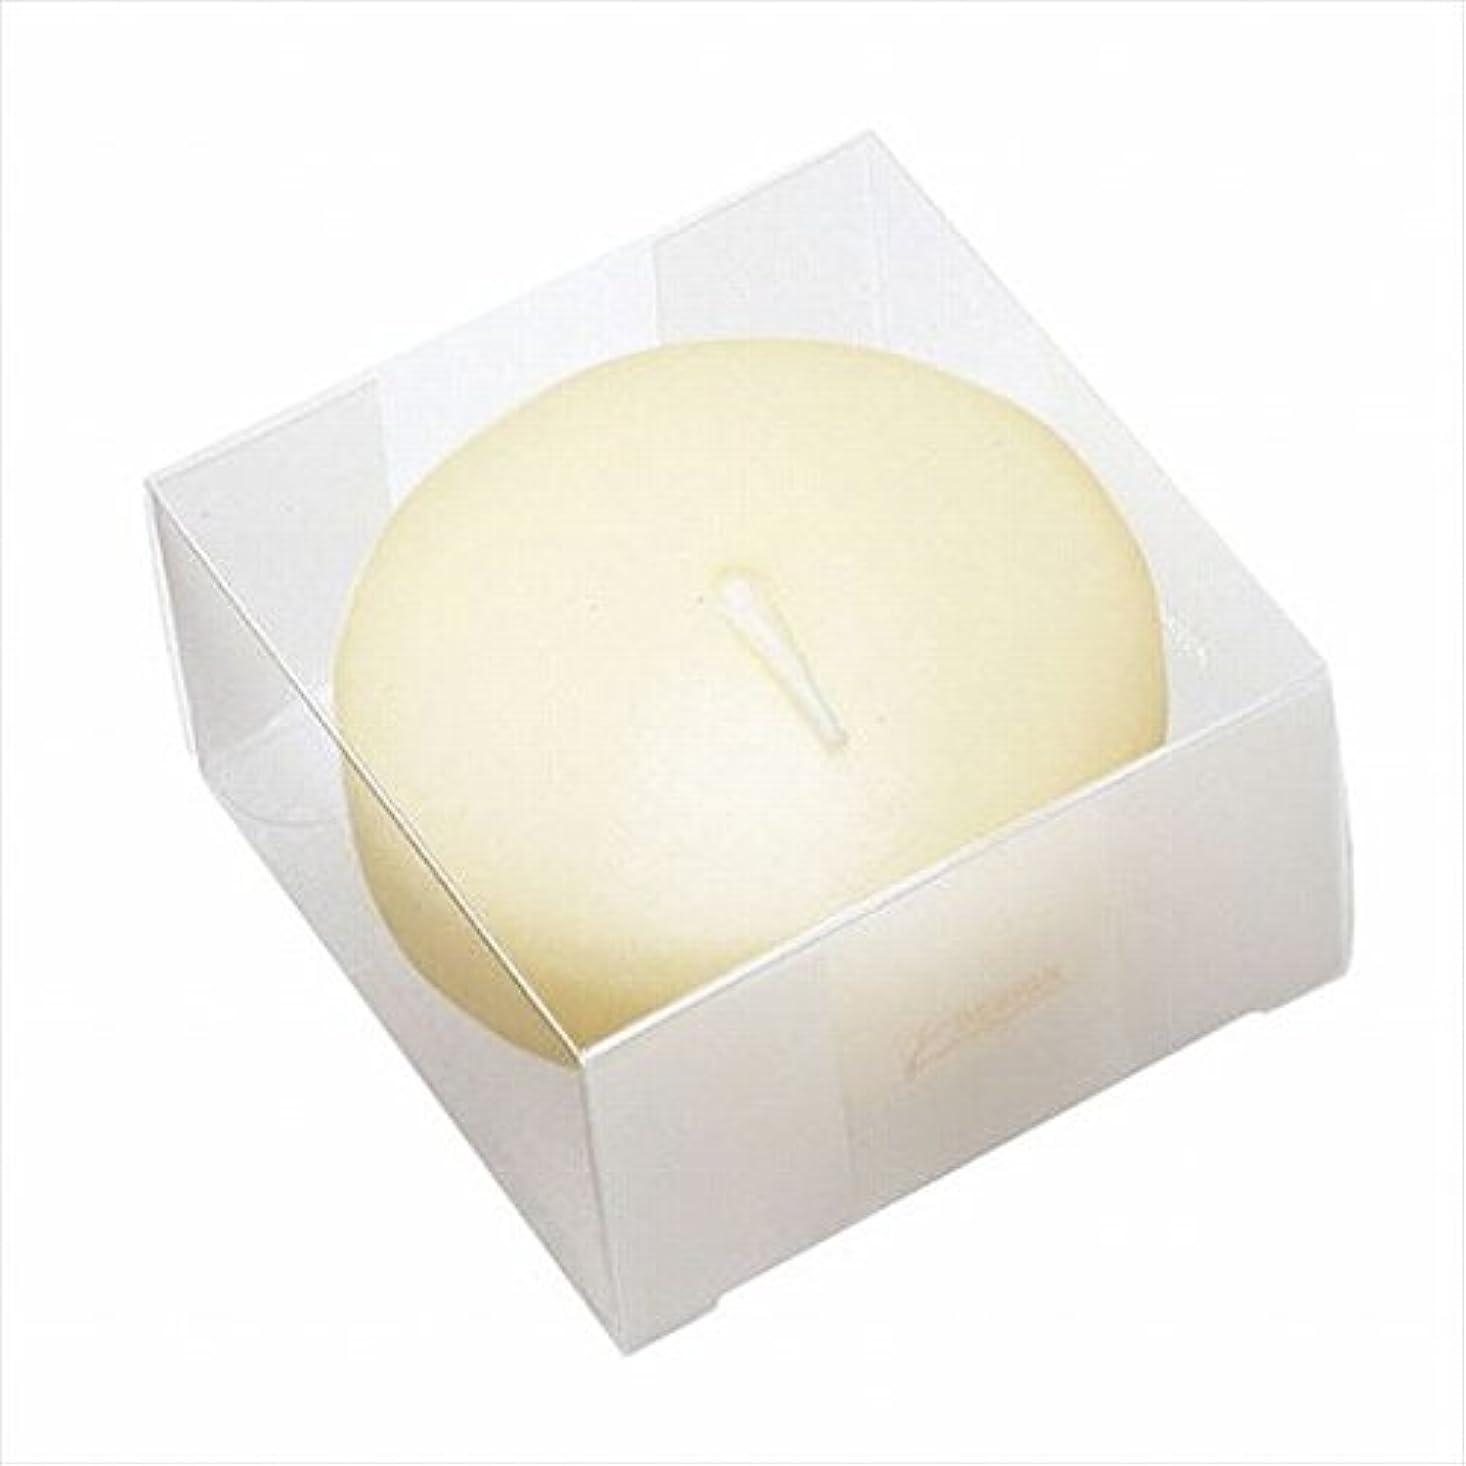 塩辛いサーカス質素なカメヤマキャンドル(kameyama candle) プール80(箱入り) 「 アイボリー 」